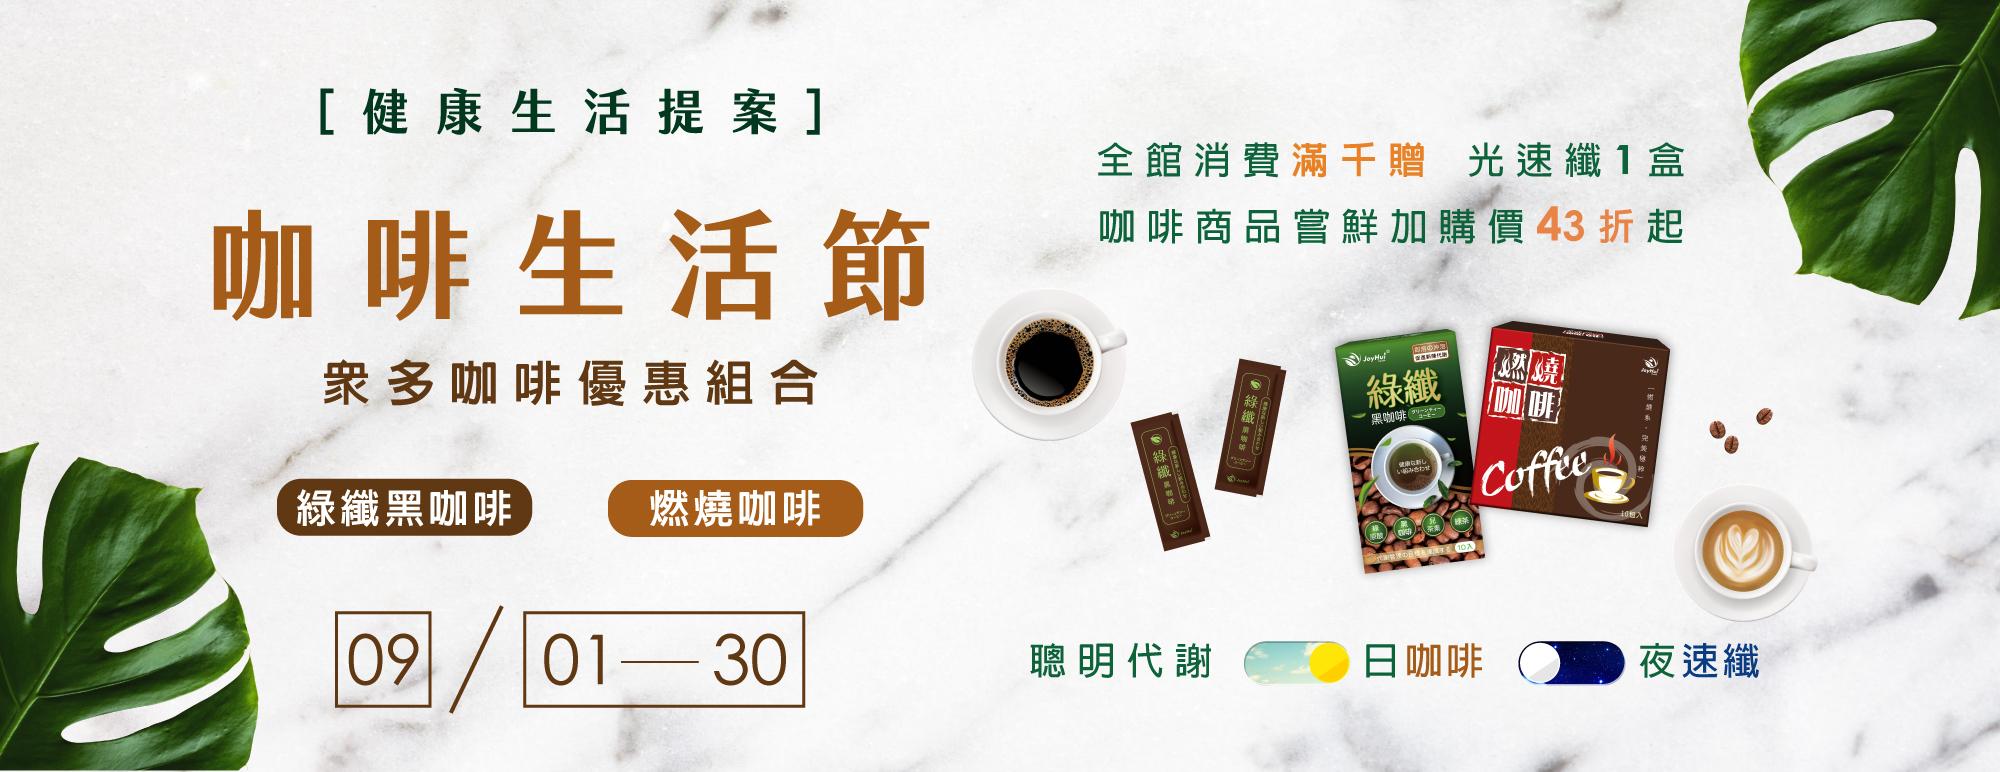 Joyhui咖啡生活節 | 燃燒咖啡 | 綠纖黑咖啡 |